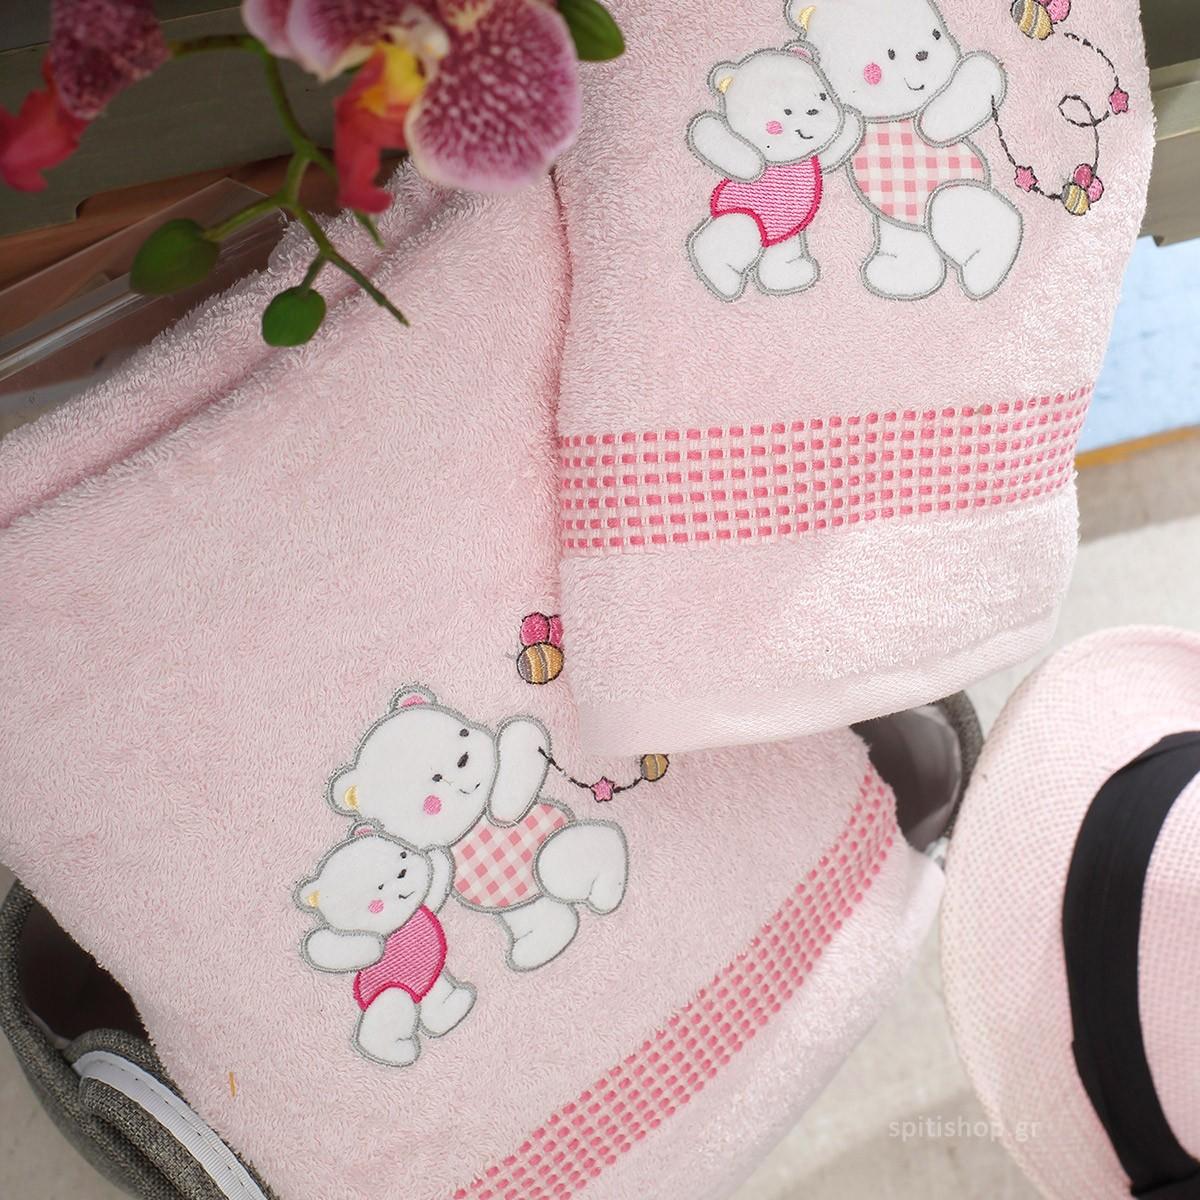 Βρεφικές Πετσέτες (Σετ 2τμχ) Sb Home Teddy Bear Pink